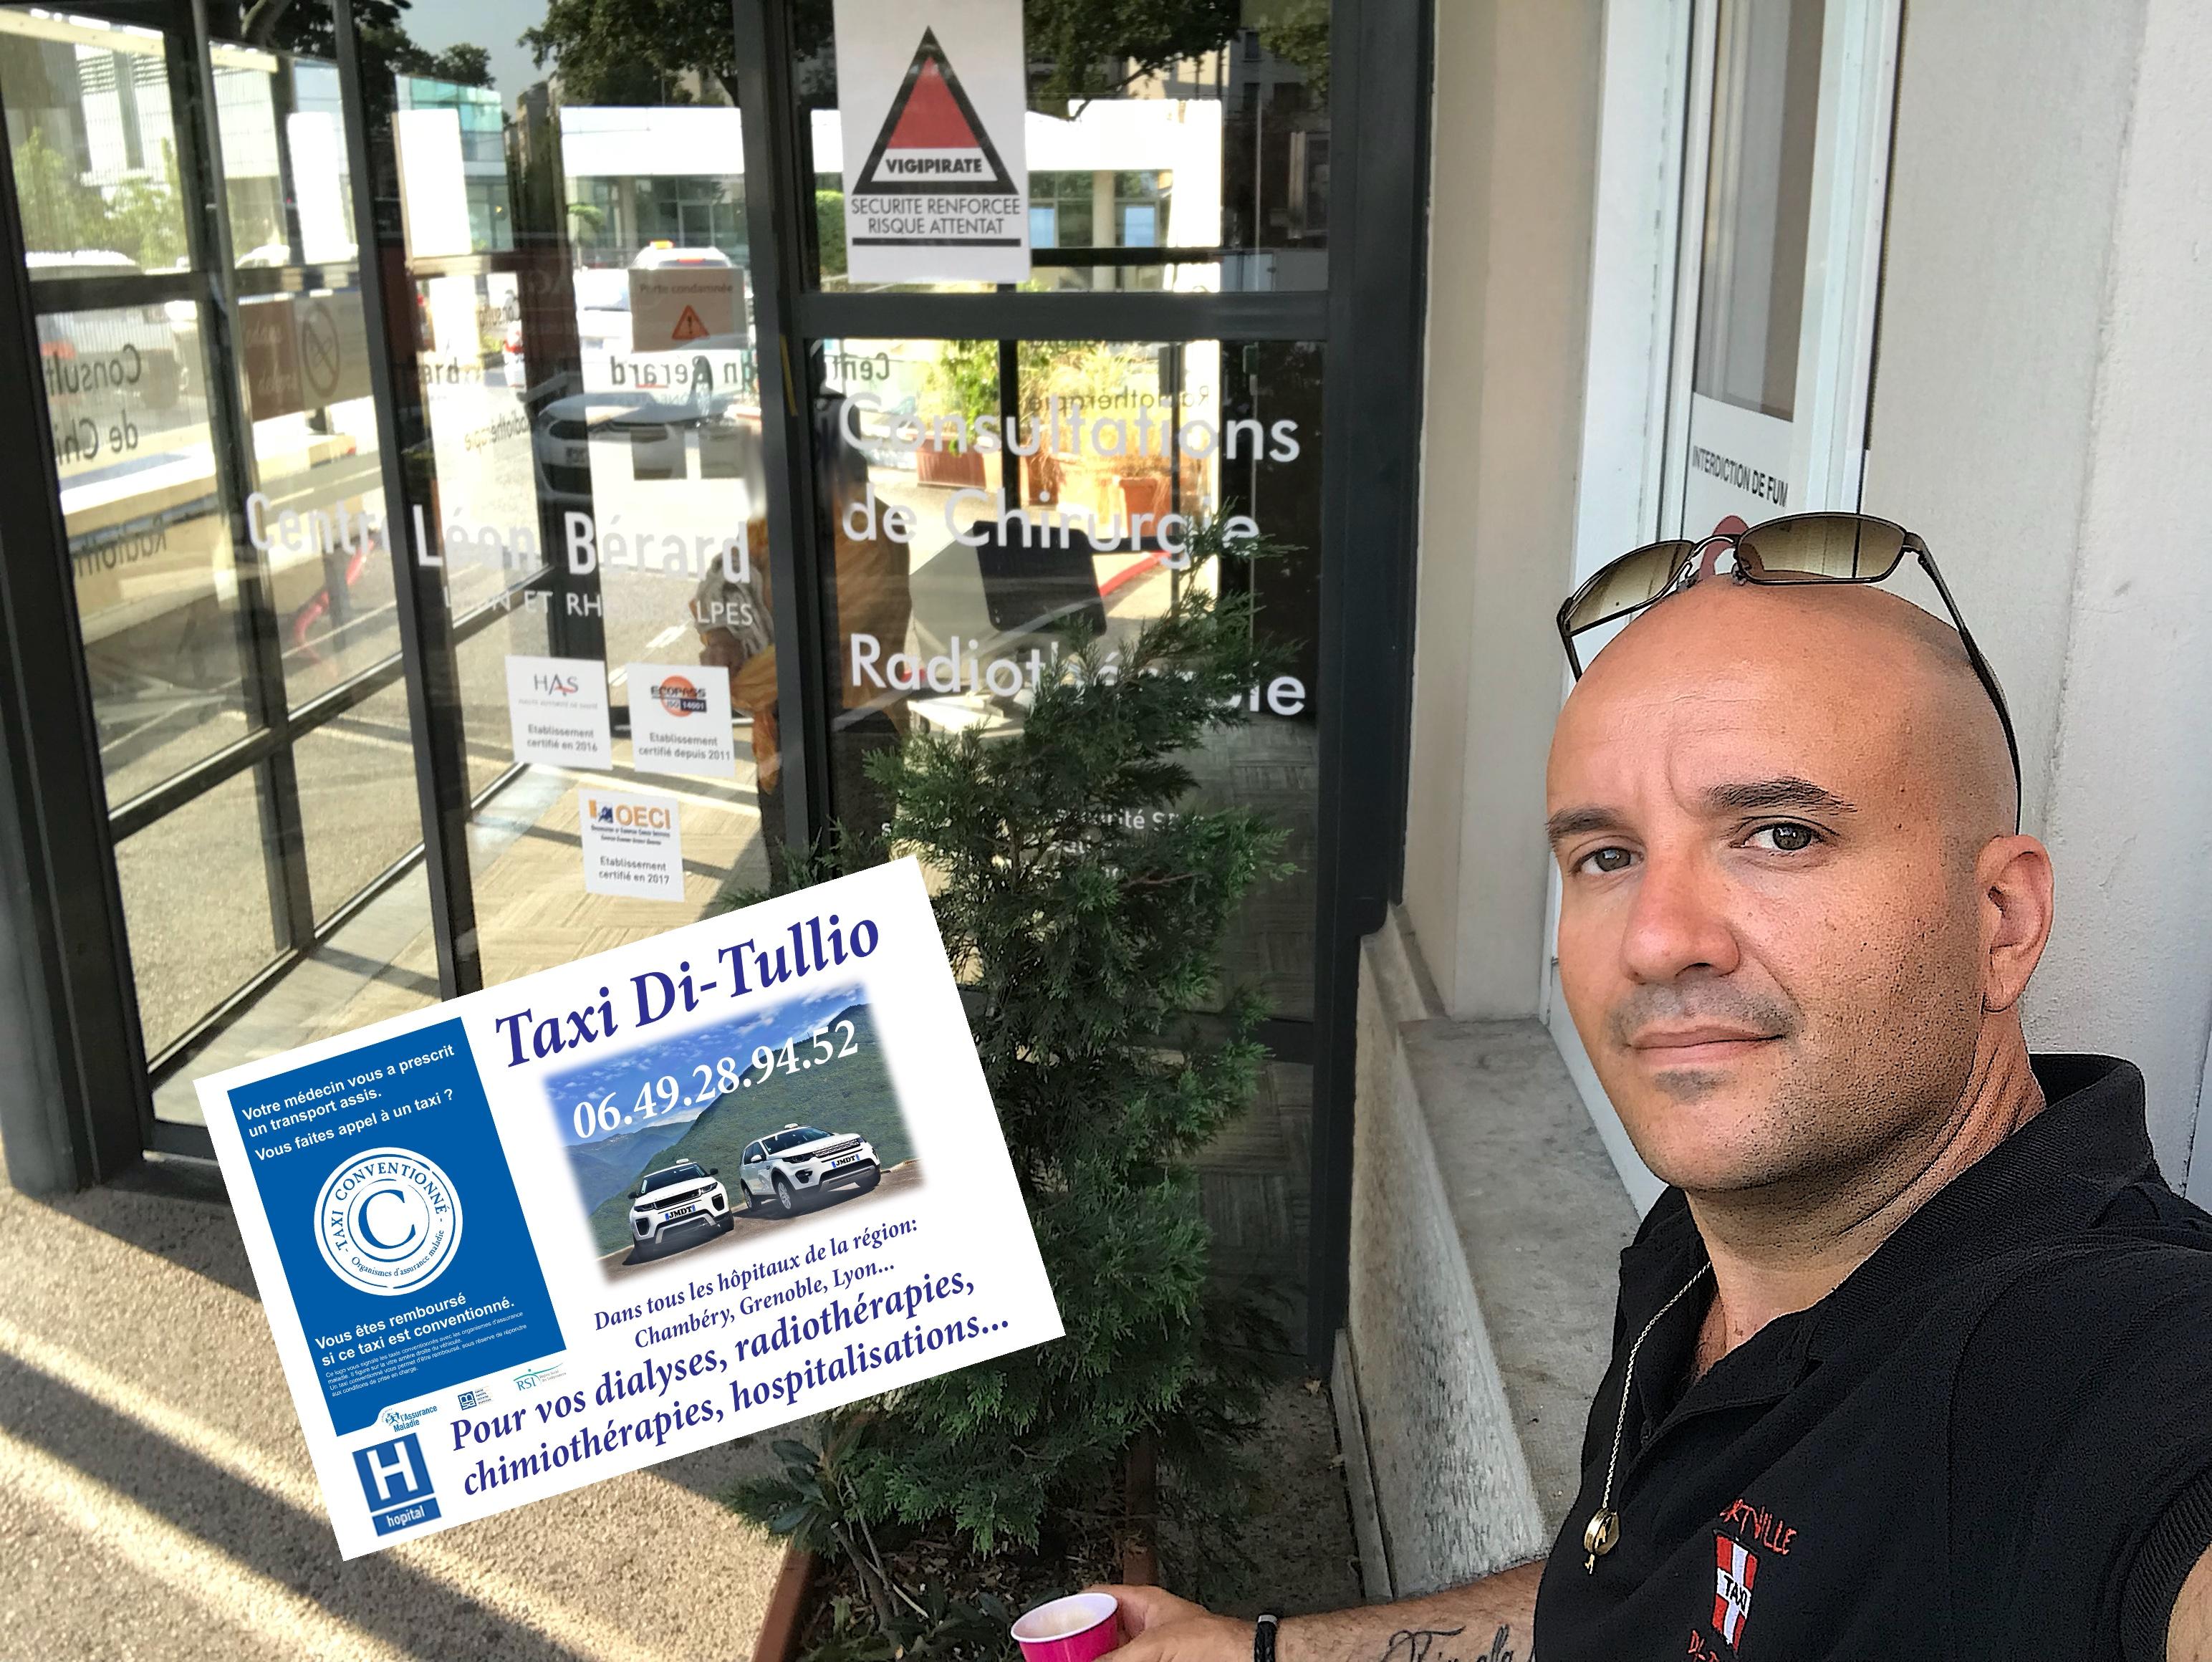 Taxi Radiothérapie Albertville pour Lyon: 06.49.28.94.52.